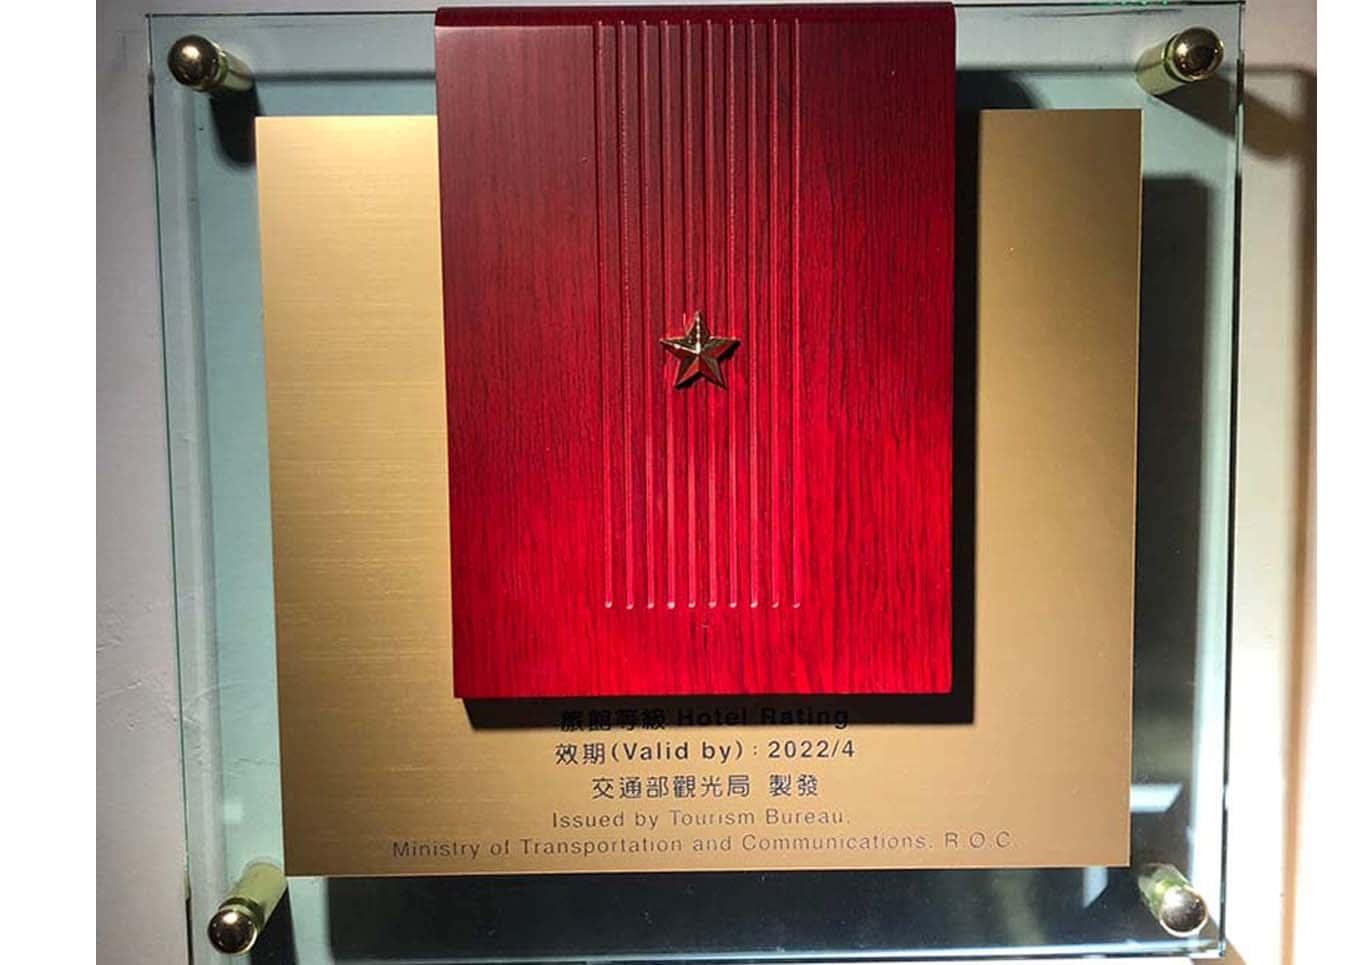 台北109青旅獲得星級旅店證明照片